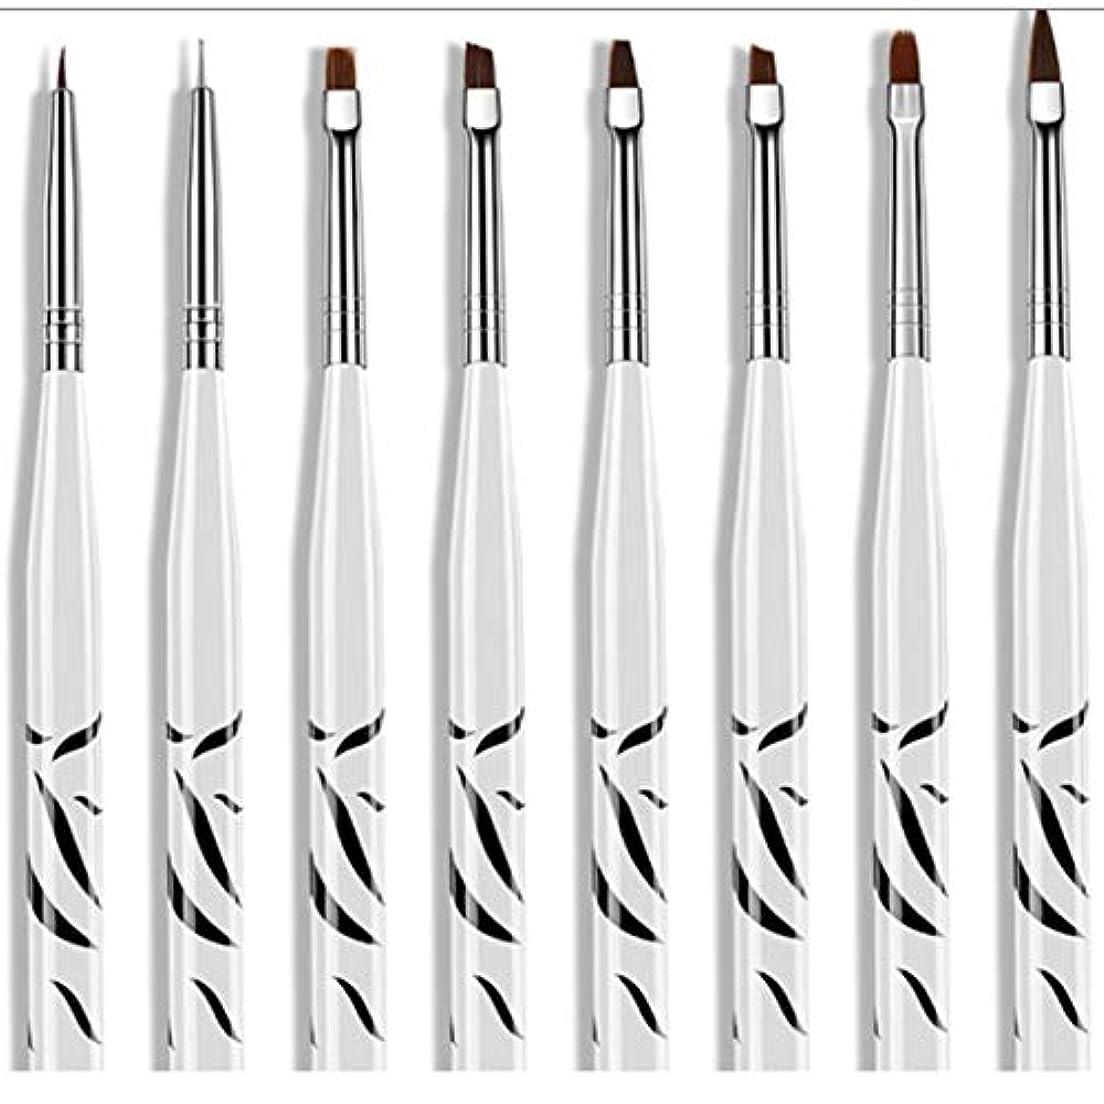 8個ゼブラセットネイルアートペインティングストライプラインブラシペンマルチカラーステンレススチール刻まれたプルワイヤー塗装ネイルペン-ホワイト